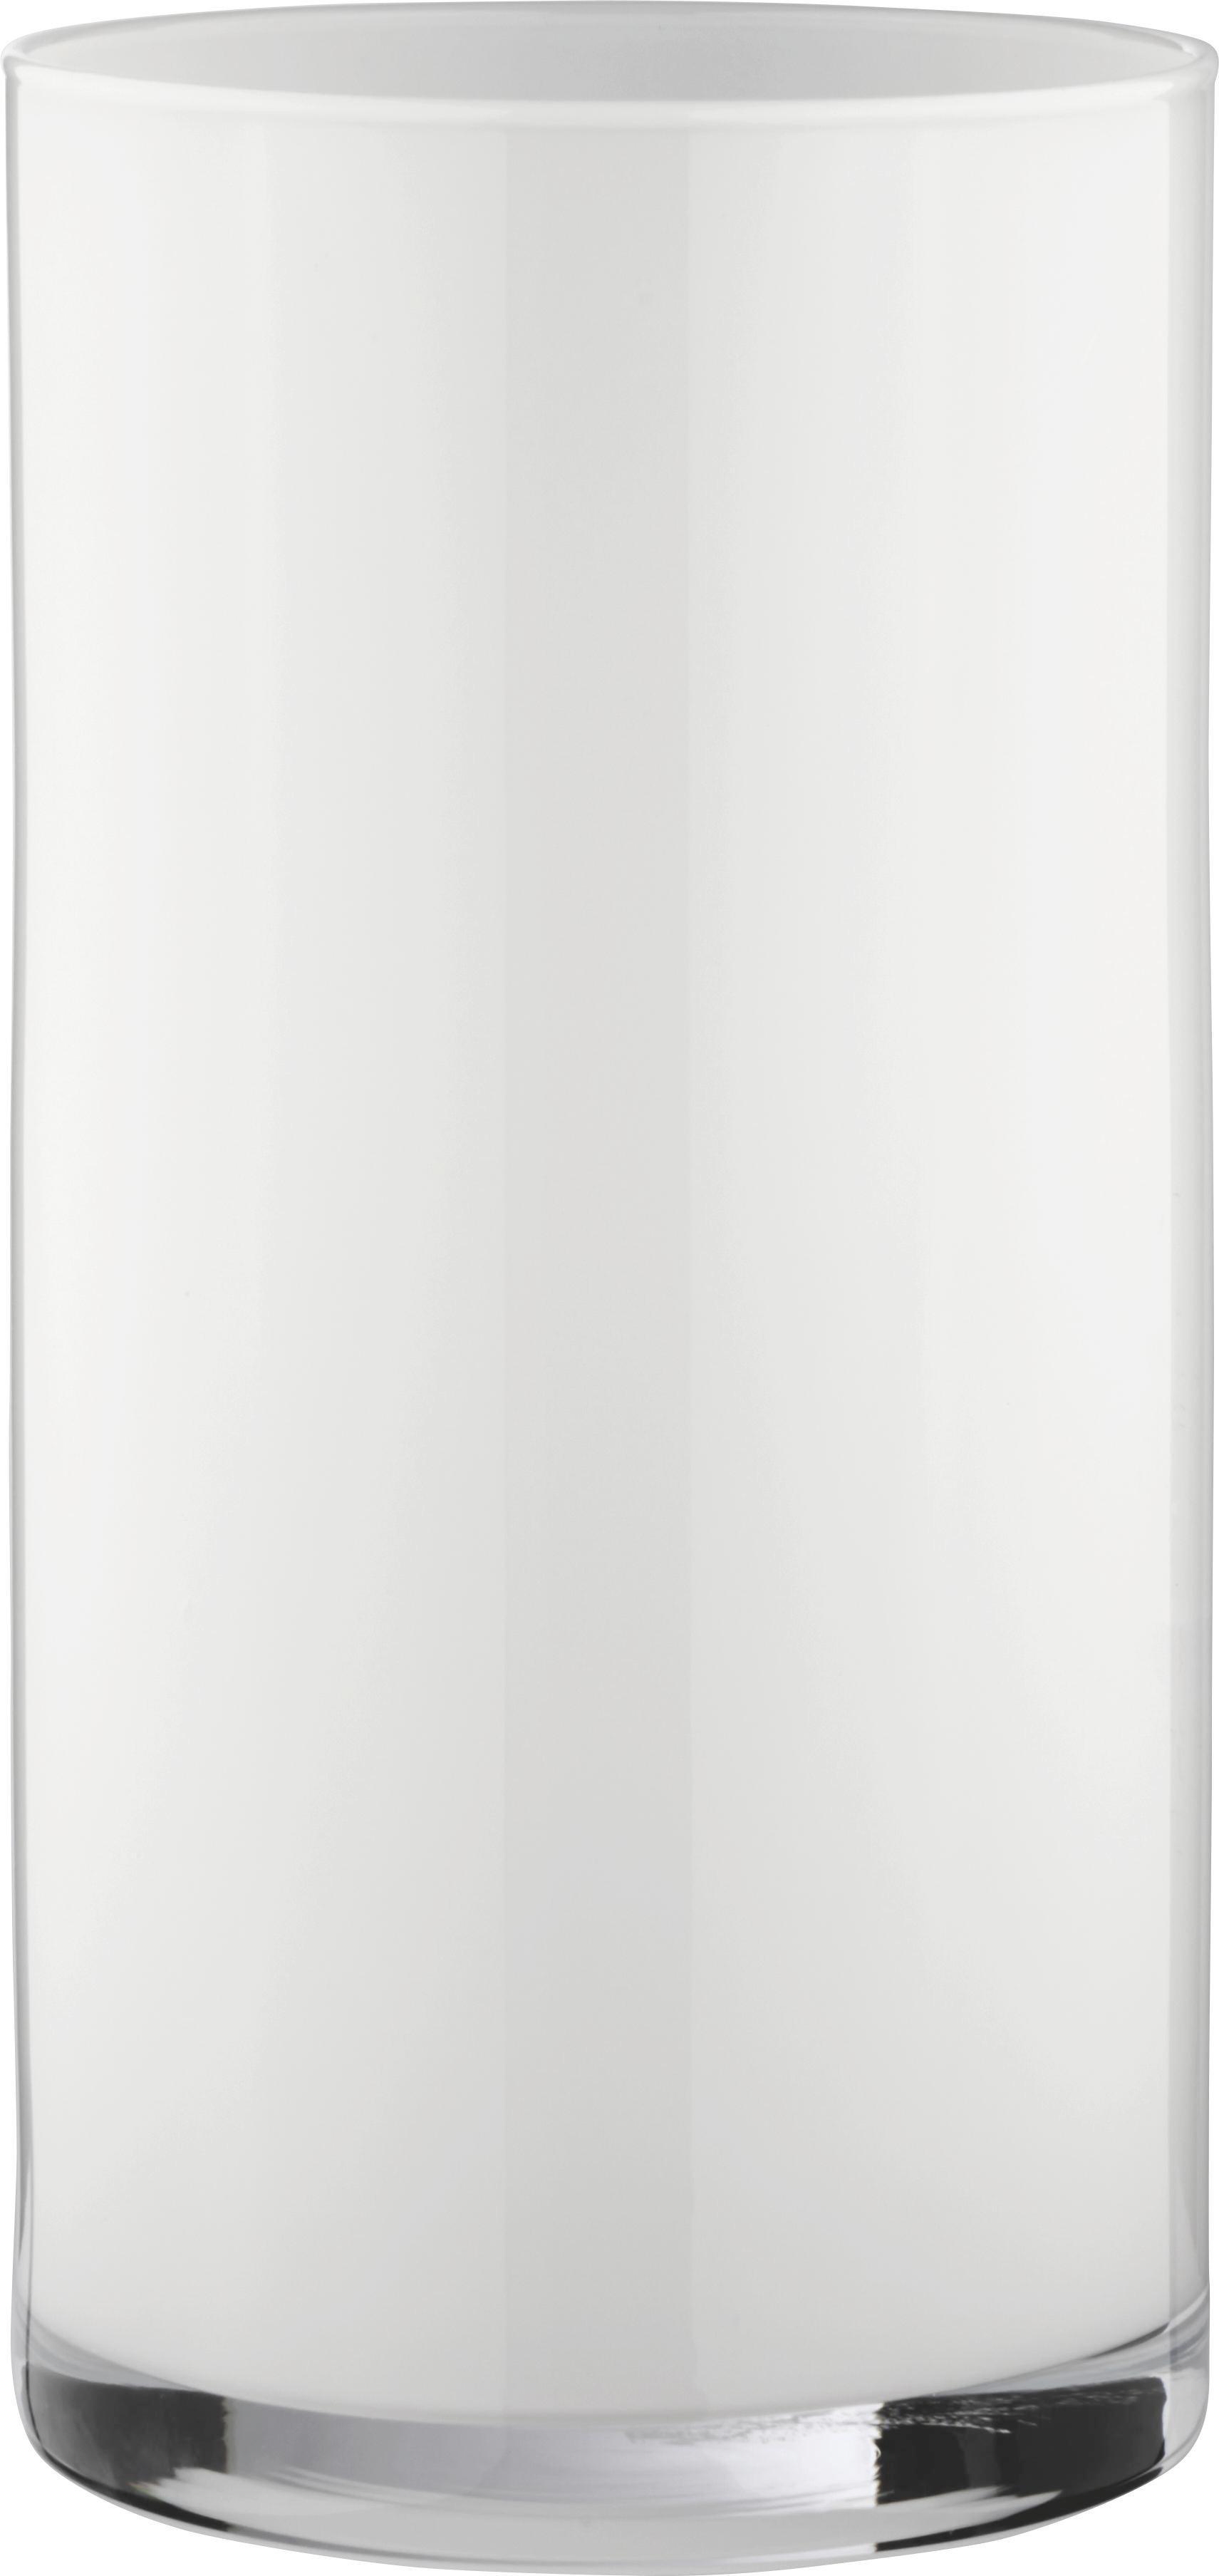 Vase Vivien II  in Weiß aus Glas - Weiß, MODERN, Glas (15/30cm) - MÖMAX modern living